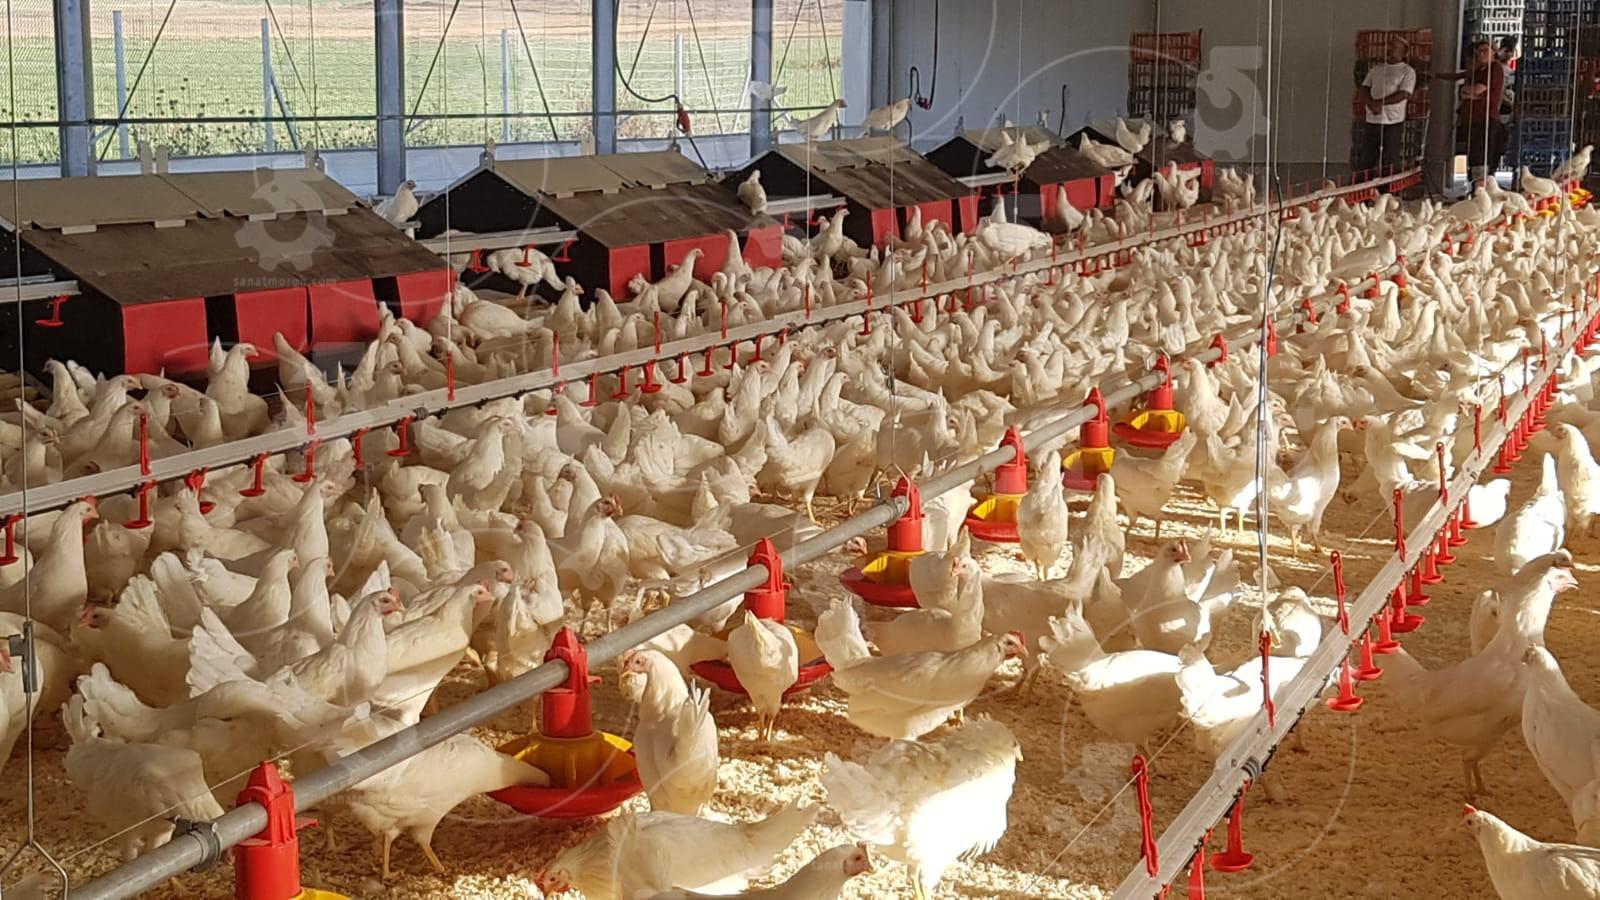 قیمت تجهیزات مرغداری تخمگذار